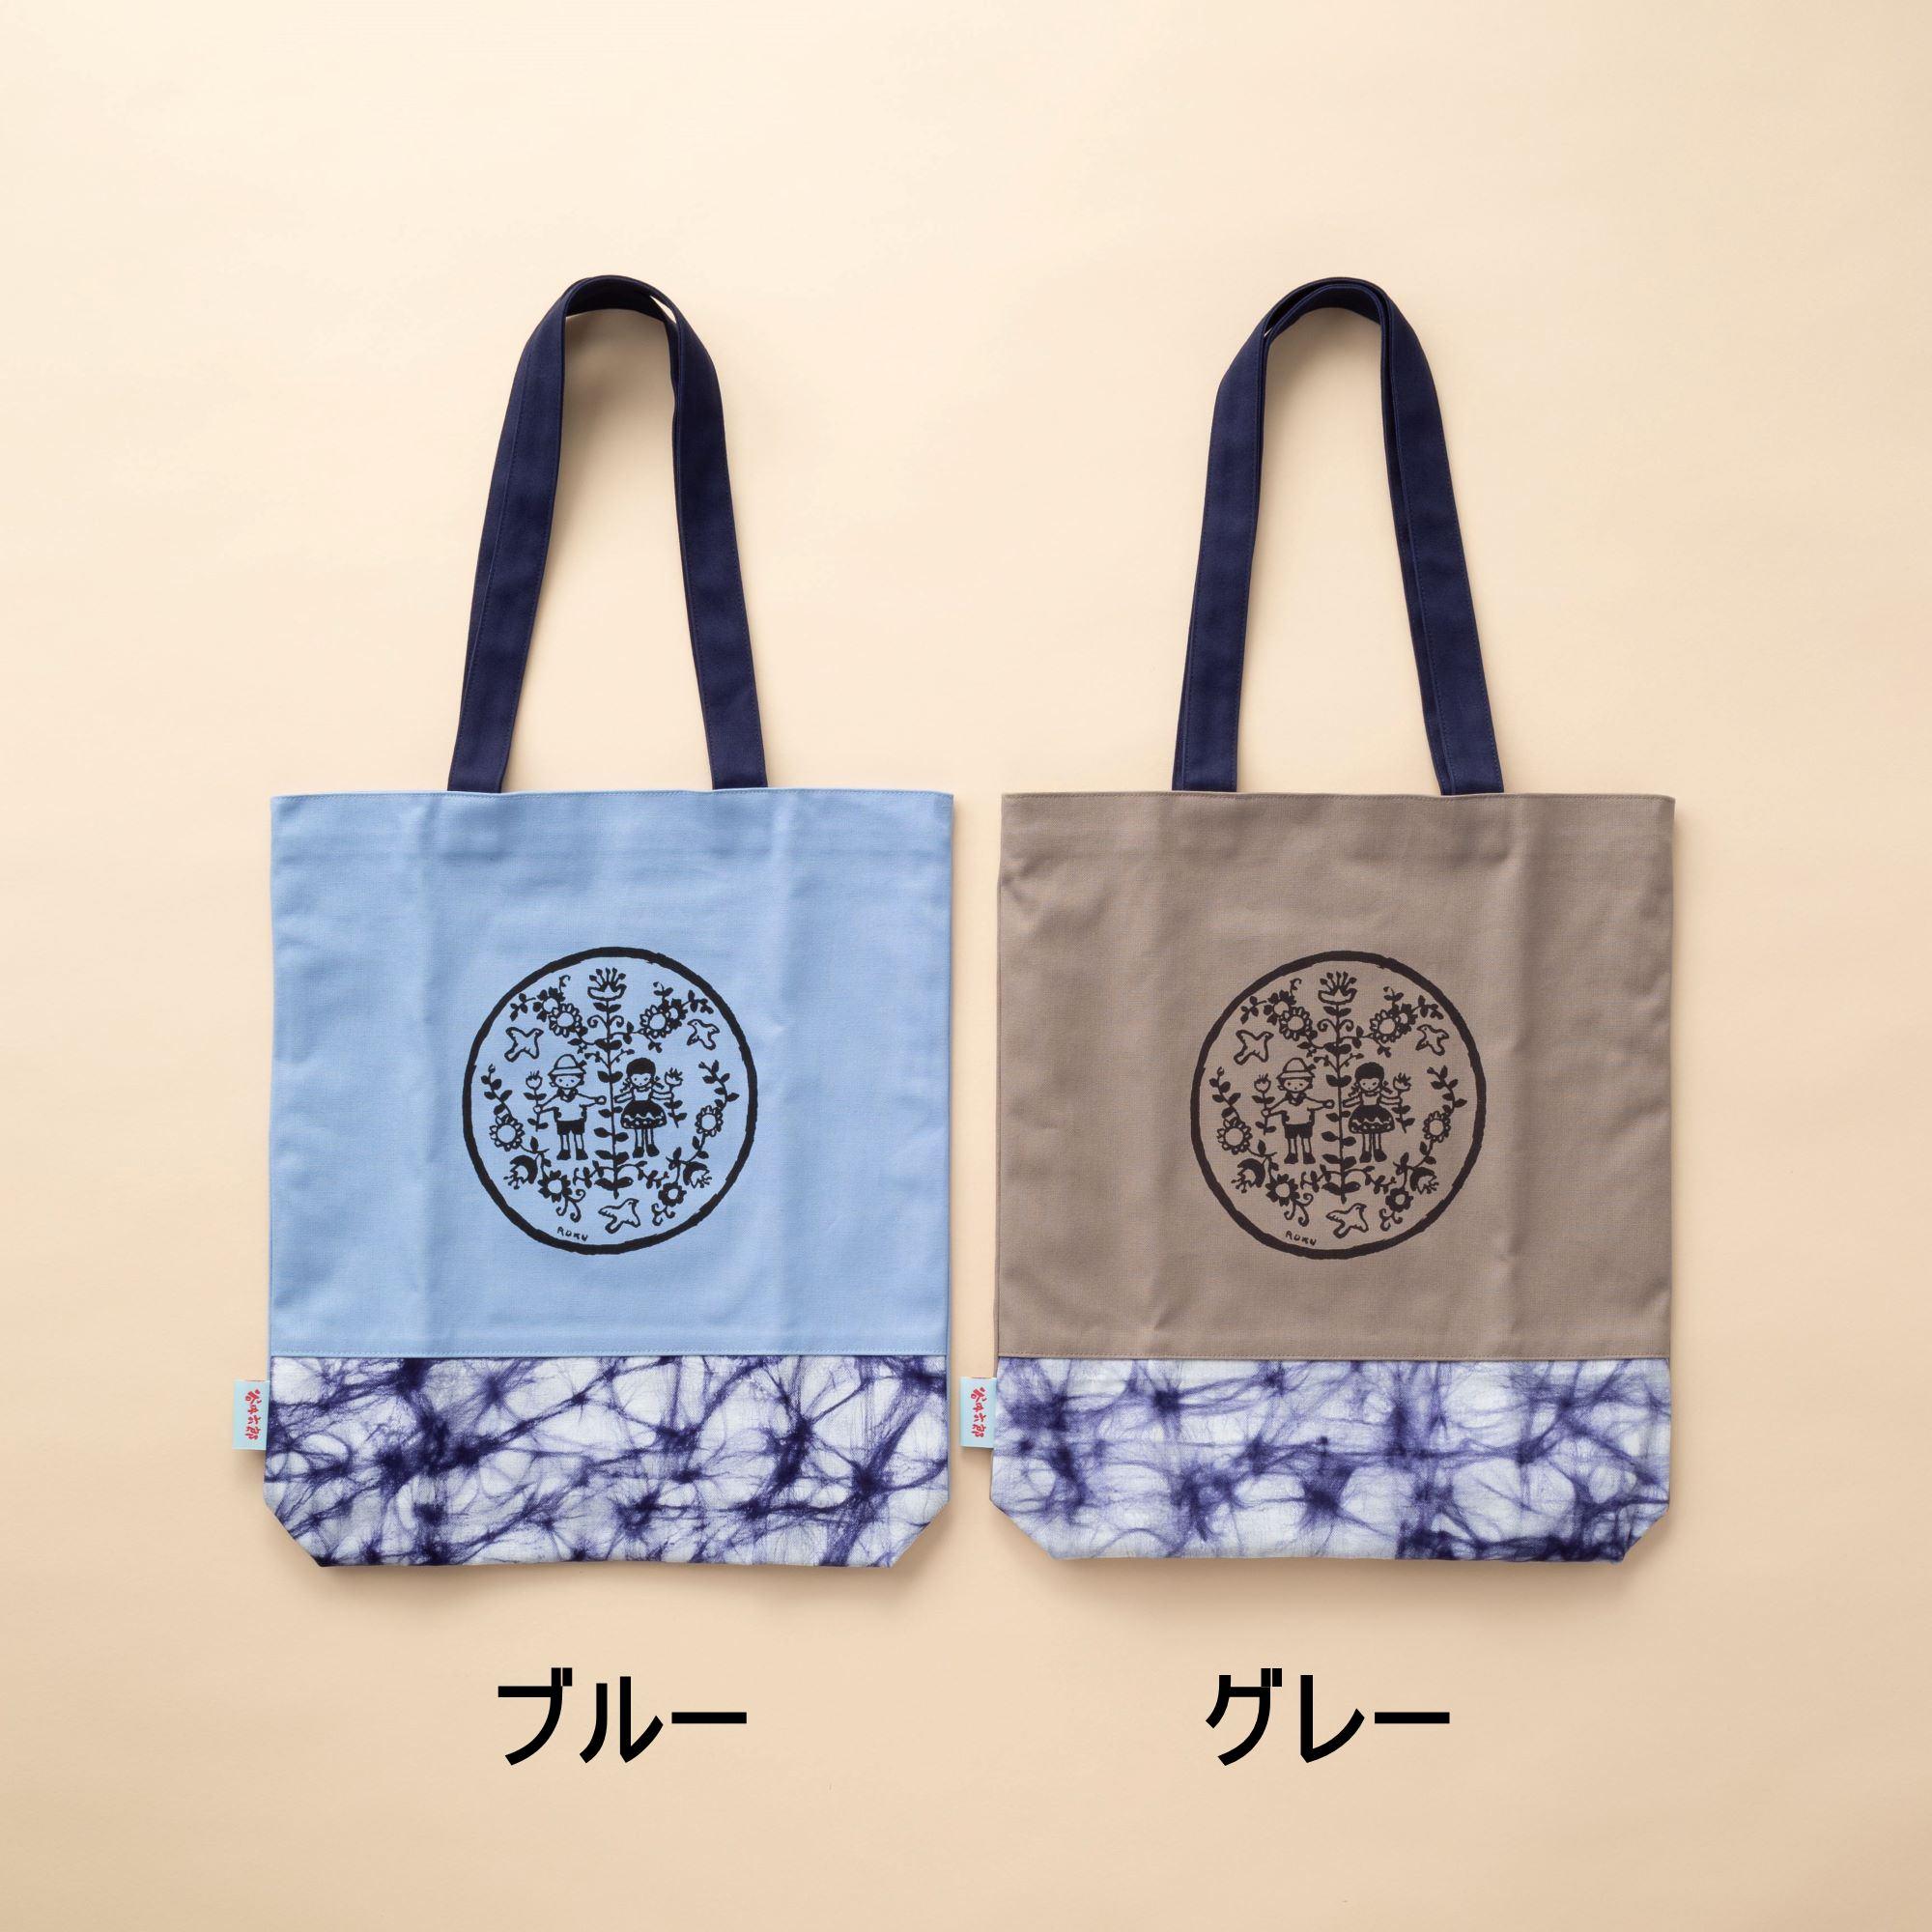 谷内六郎 手提げバッグ 〈『遠い日の絵本 谷内六郎画集』より〉